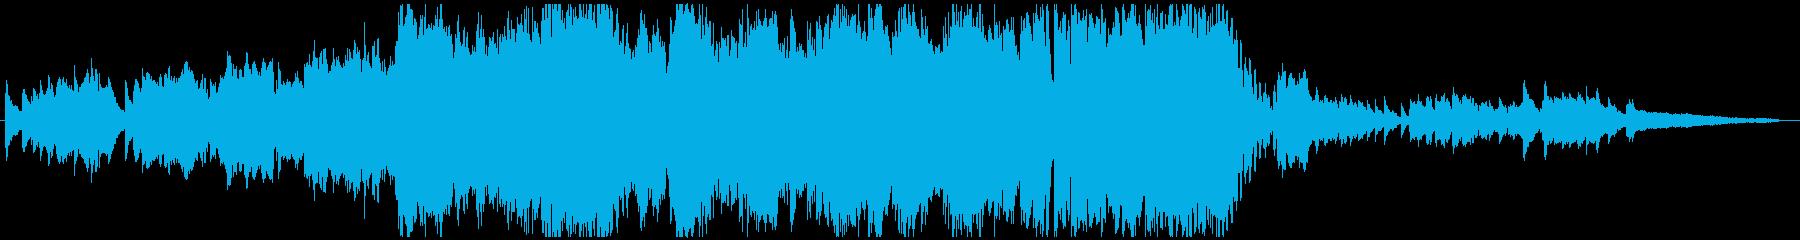 【生演奏】フルートとオケの感動系バラードの再生済みの波形